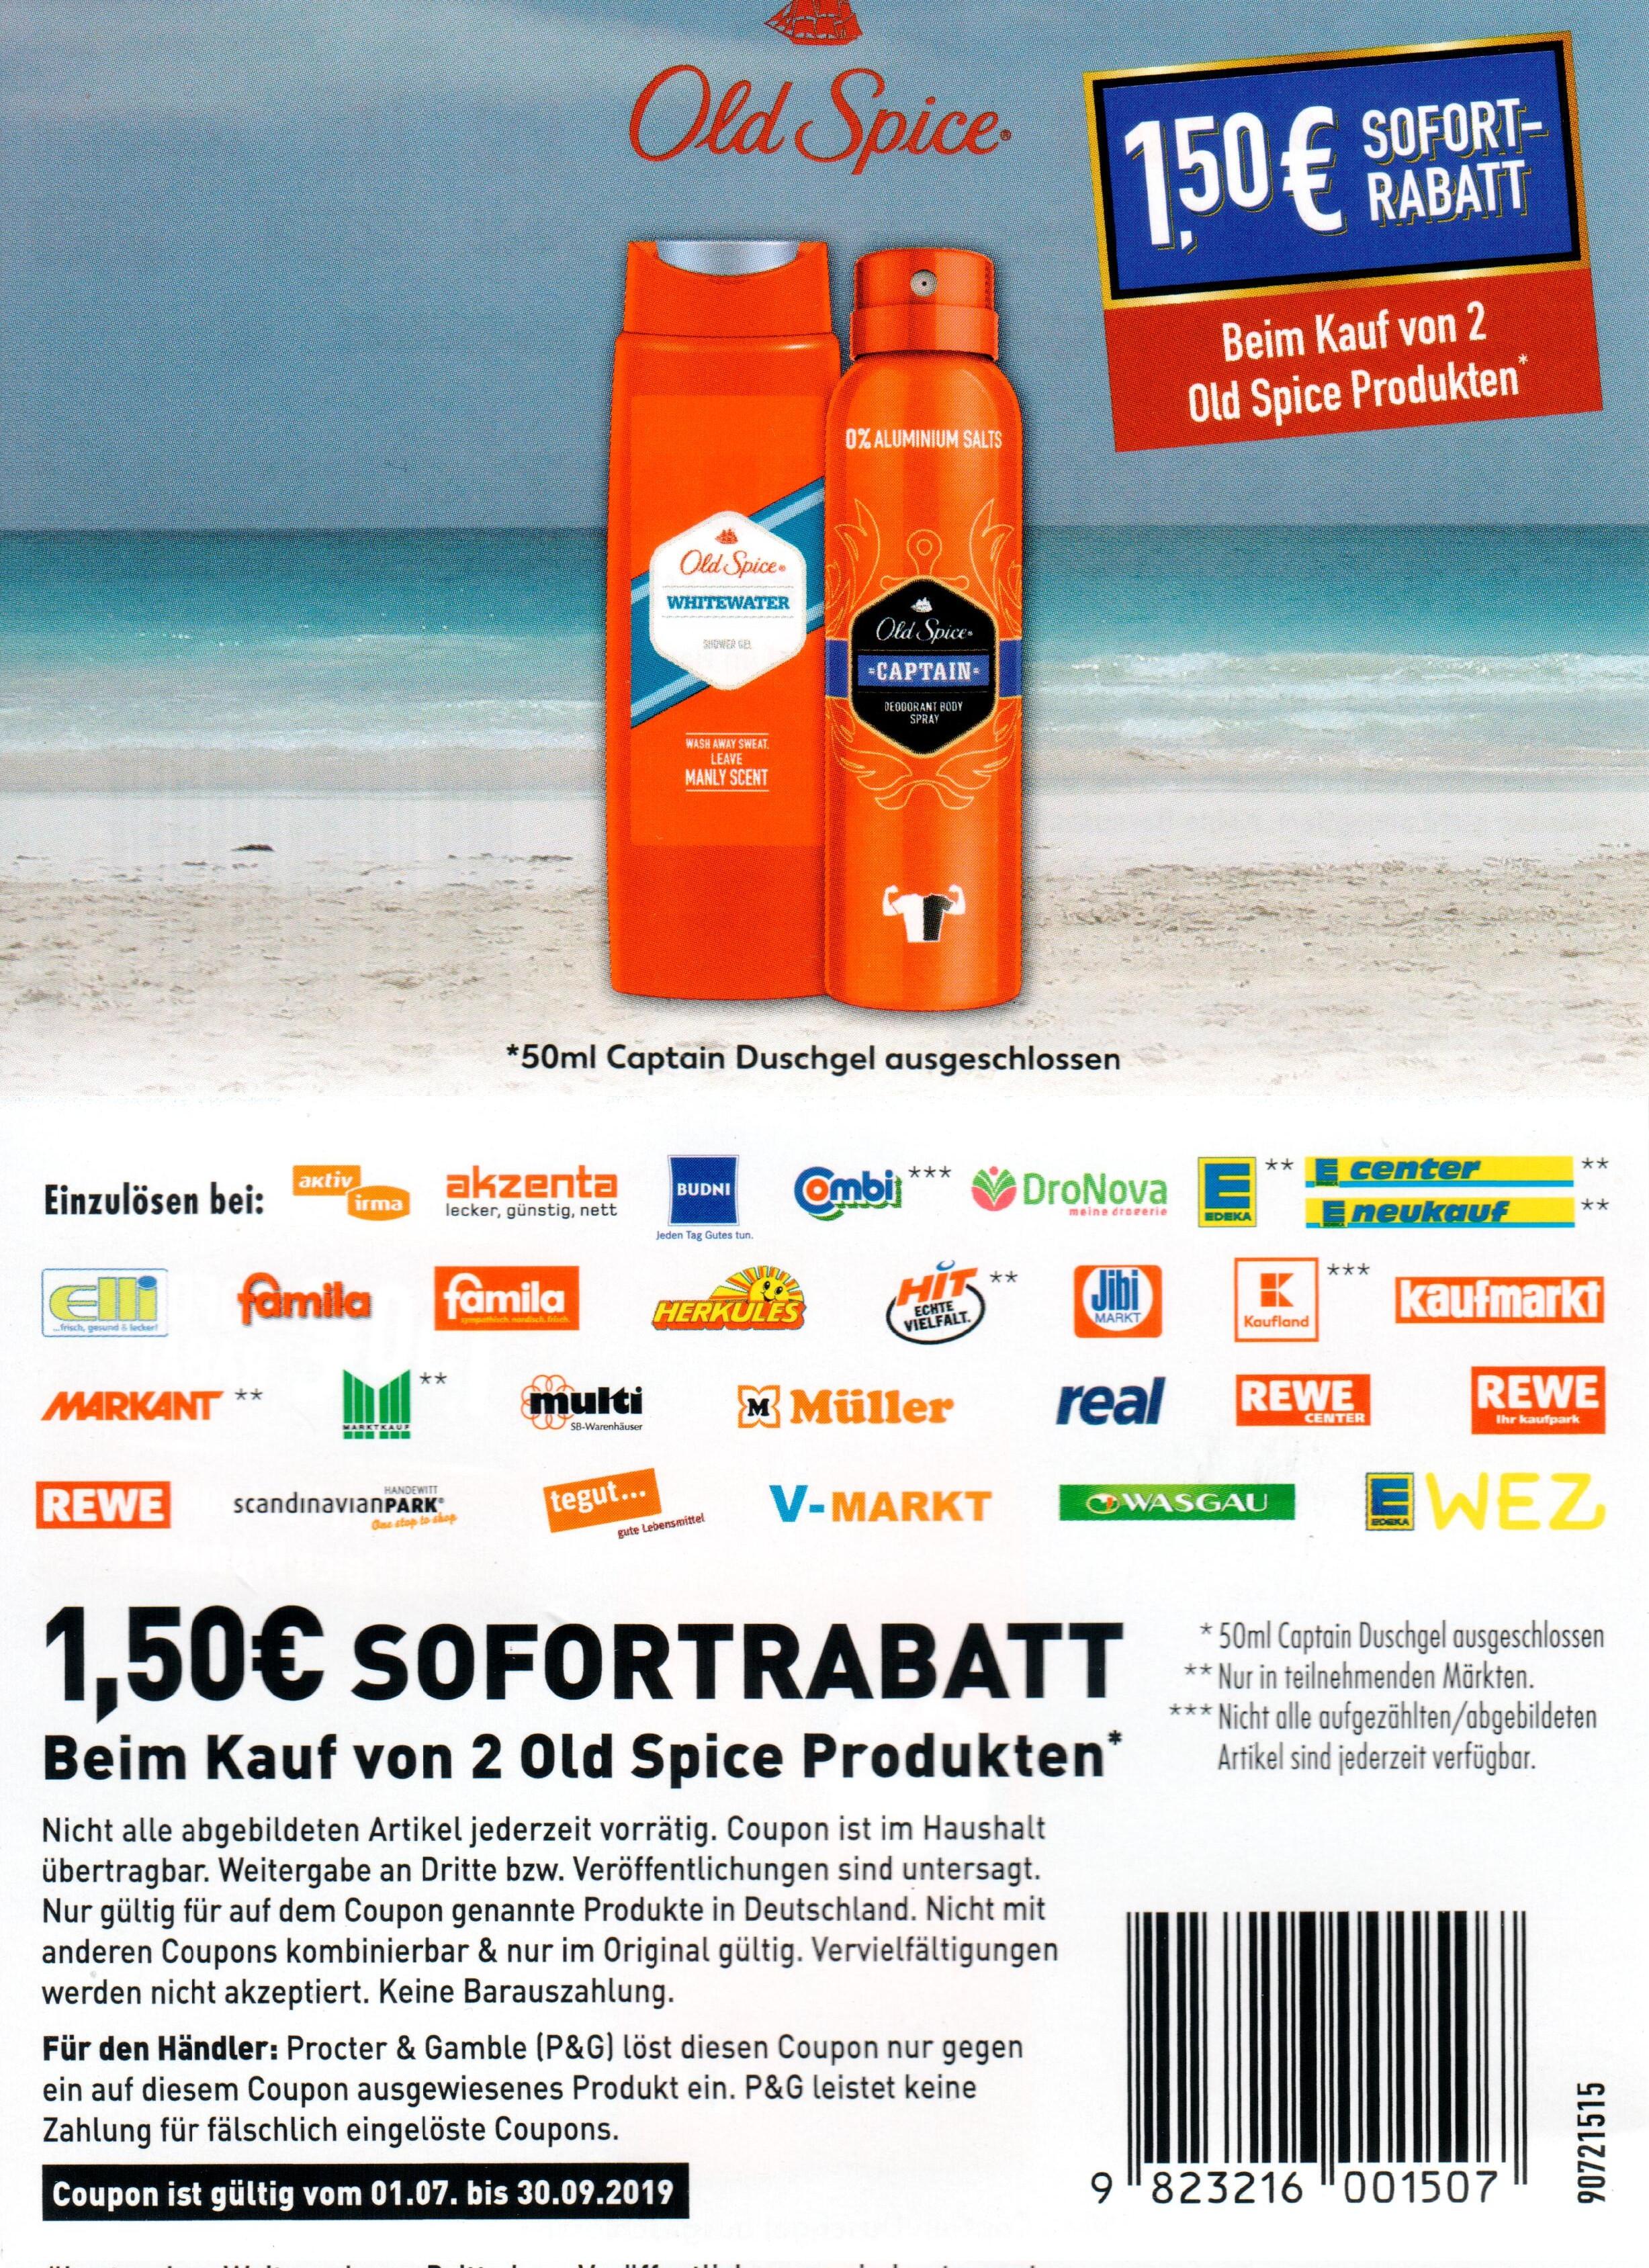 1,50€ Sofort-Rabatt Coupon für den Kauf von 2 Old Spice Produkten bis 30.09.2019